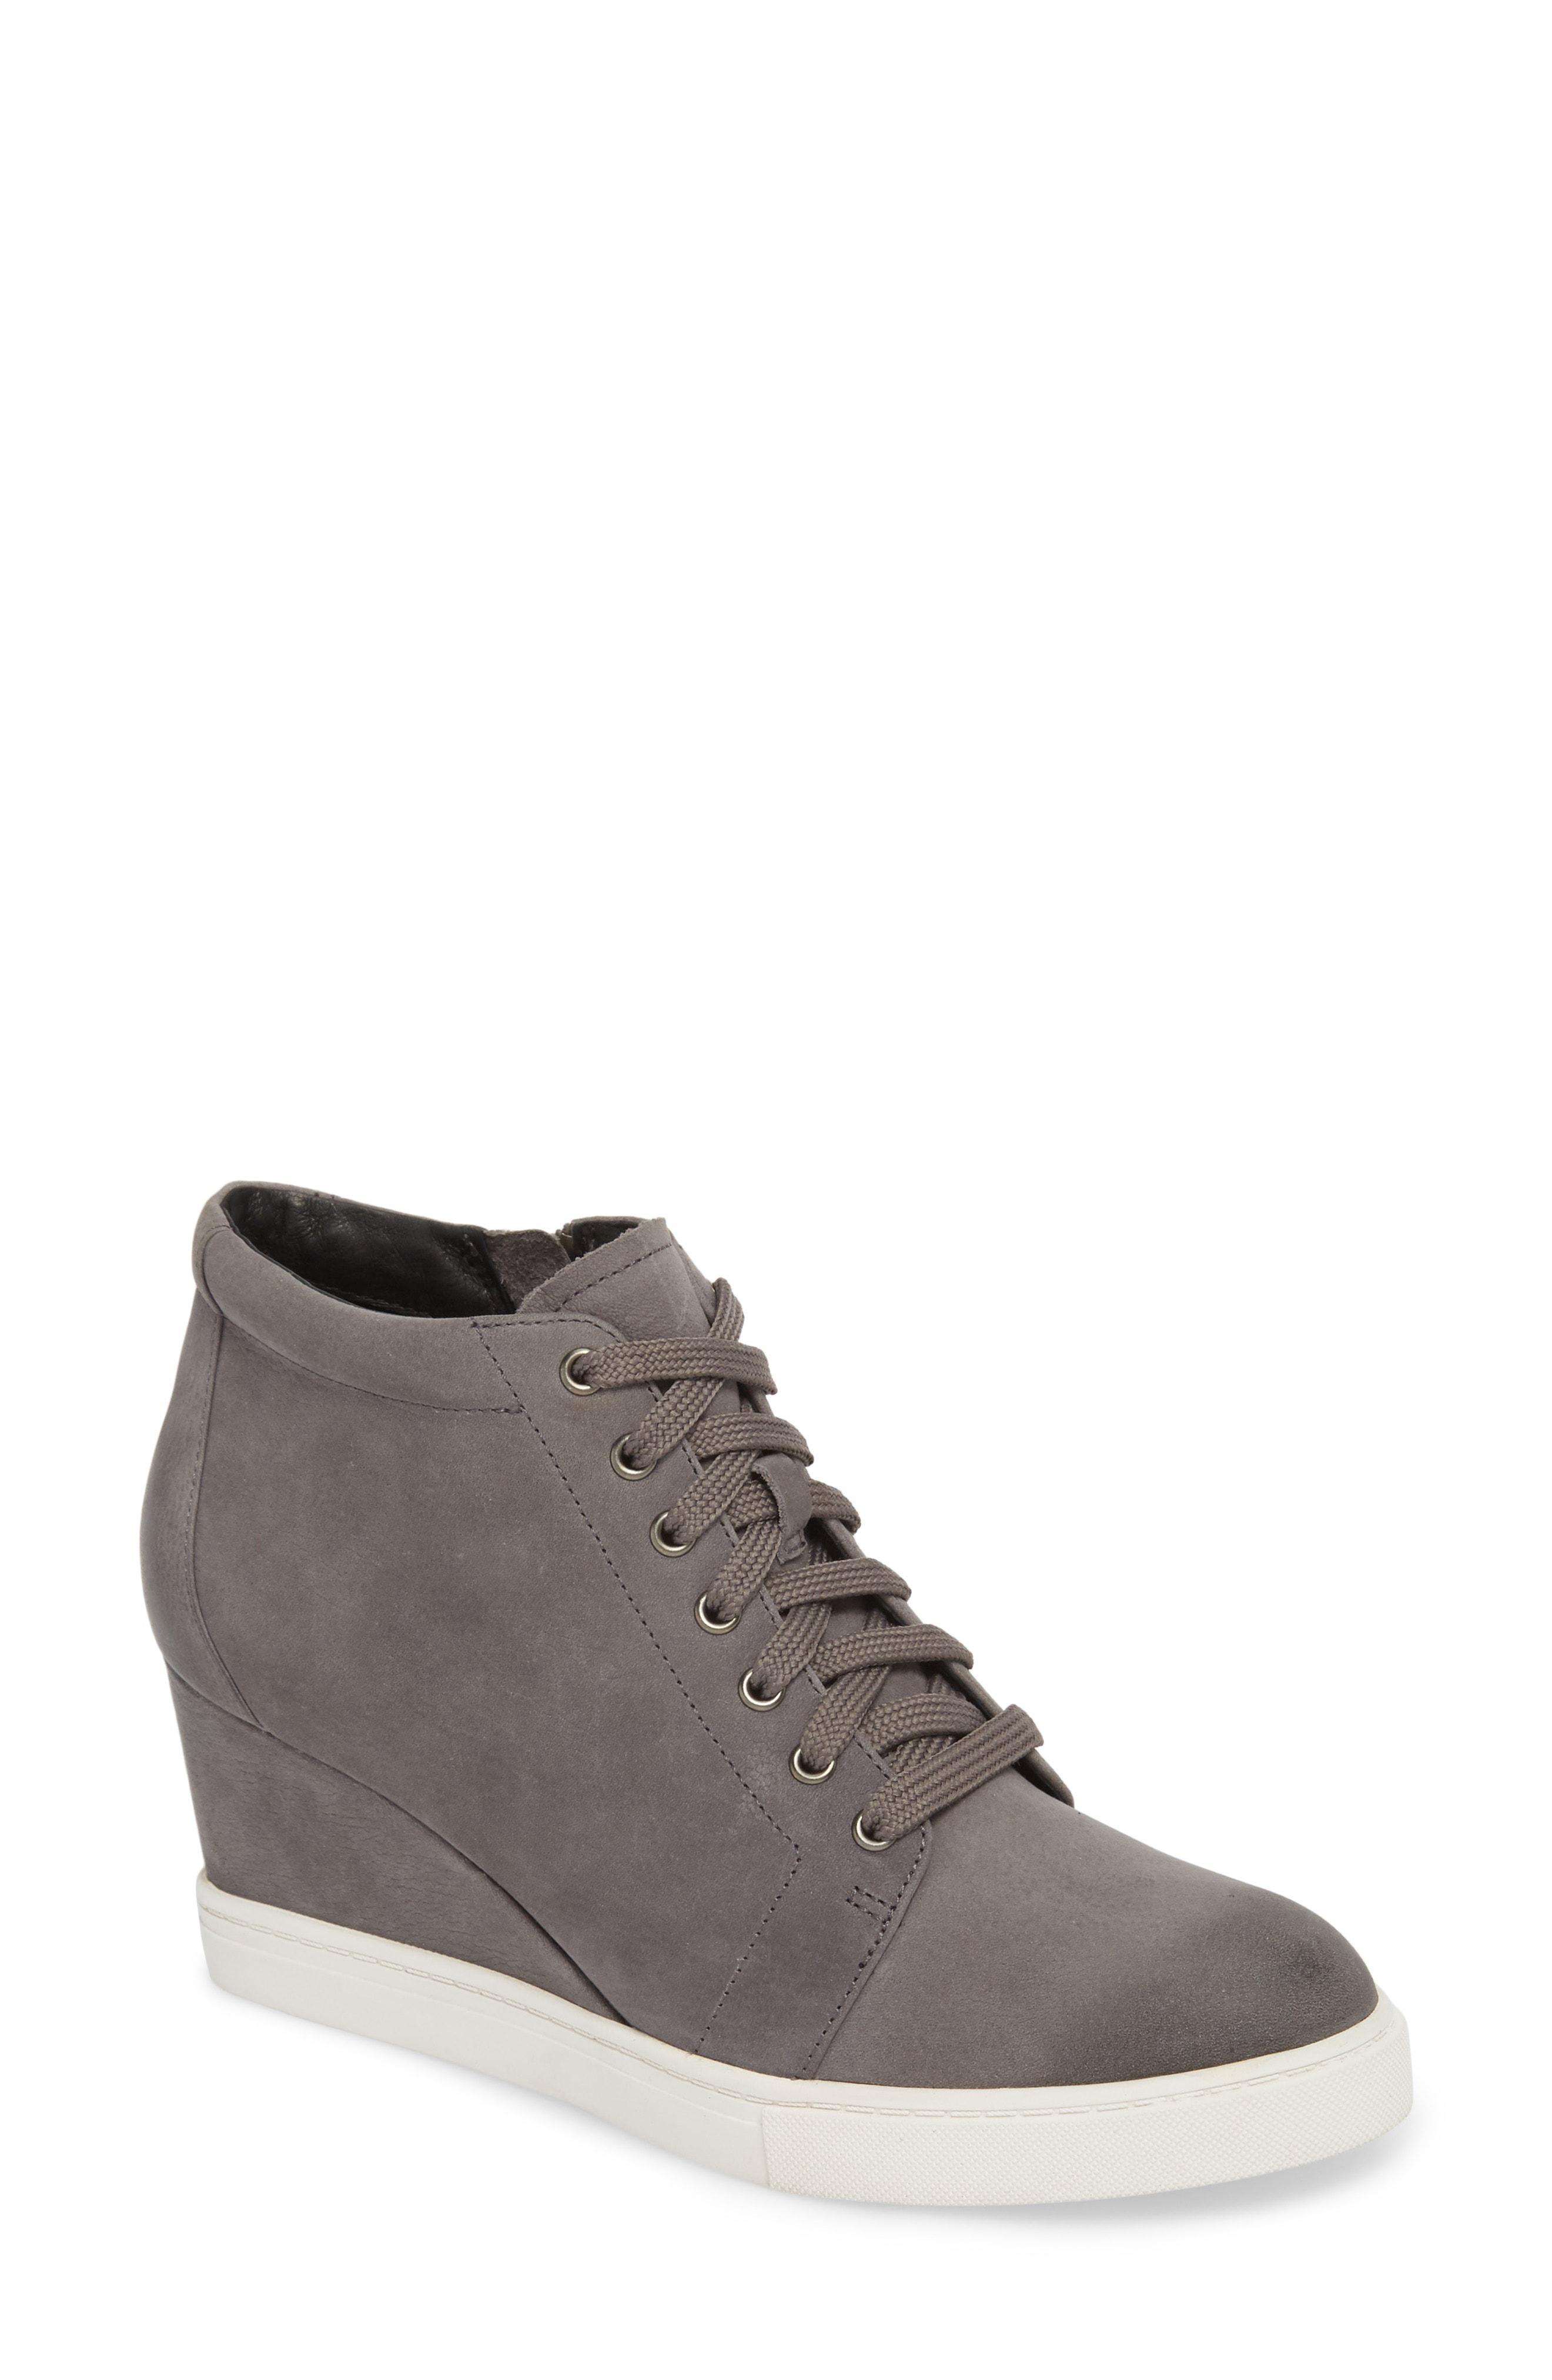 8593f7ddba6 Caslon Caslon Axel Wedge Sneaker in Brown - Lyst